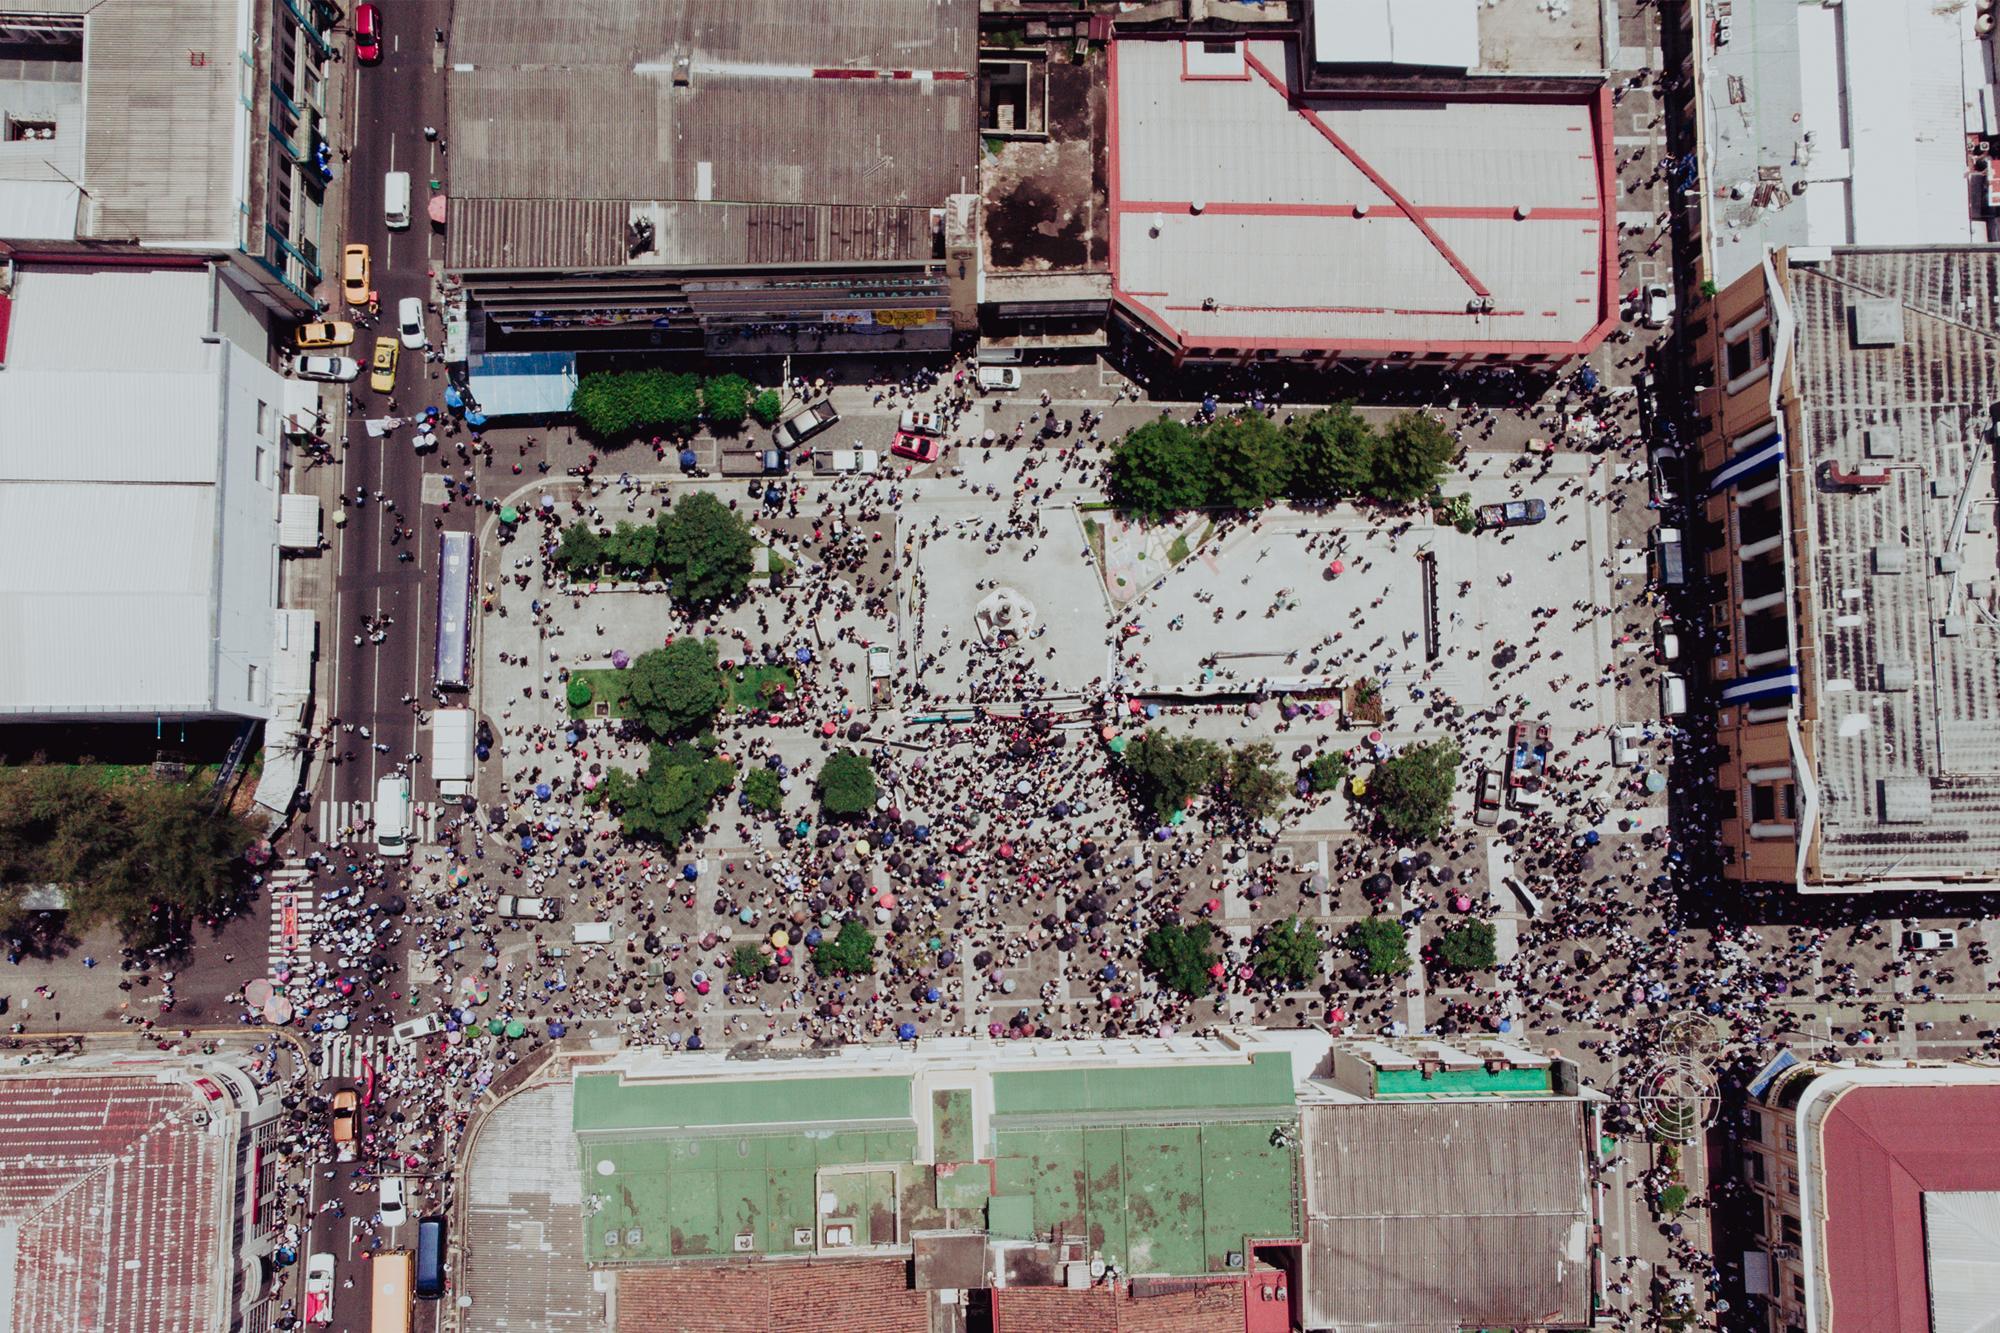 La llegada a la plaza Morazán fue desordenada, esta imagen no define la cantidad total de personas que marcharon, pero sí la dispersión con la que arribó a la plaza. La concentración duró menos de una hora.